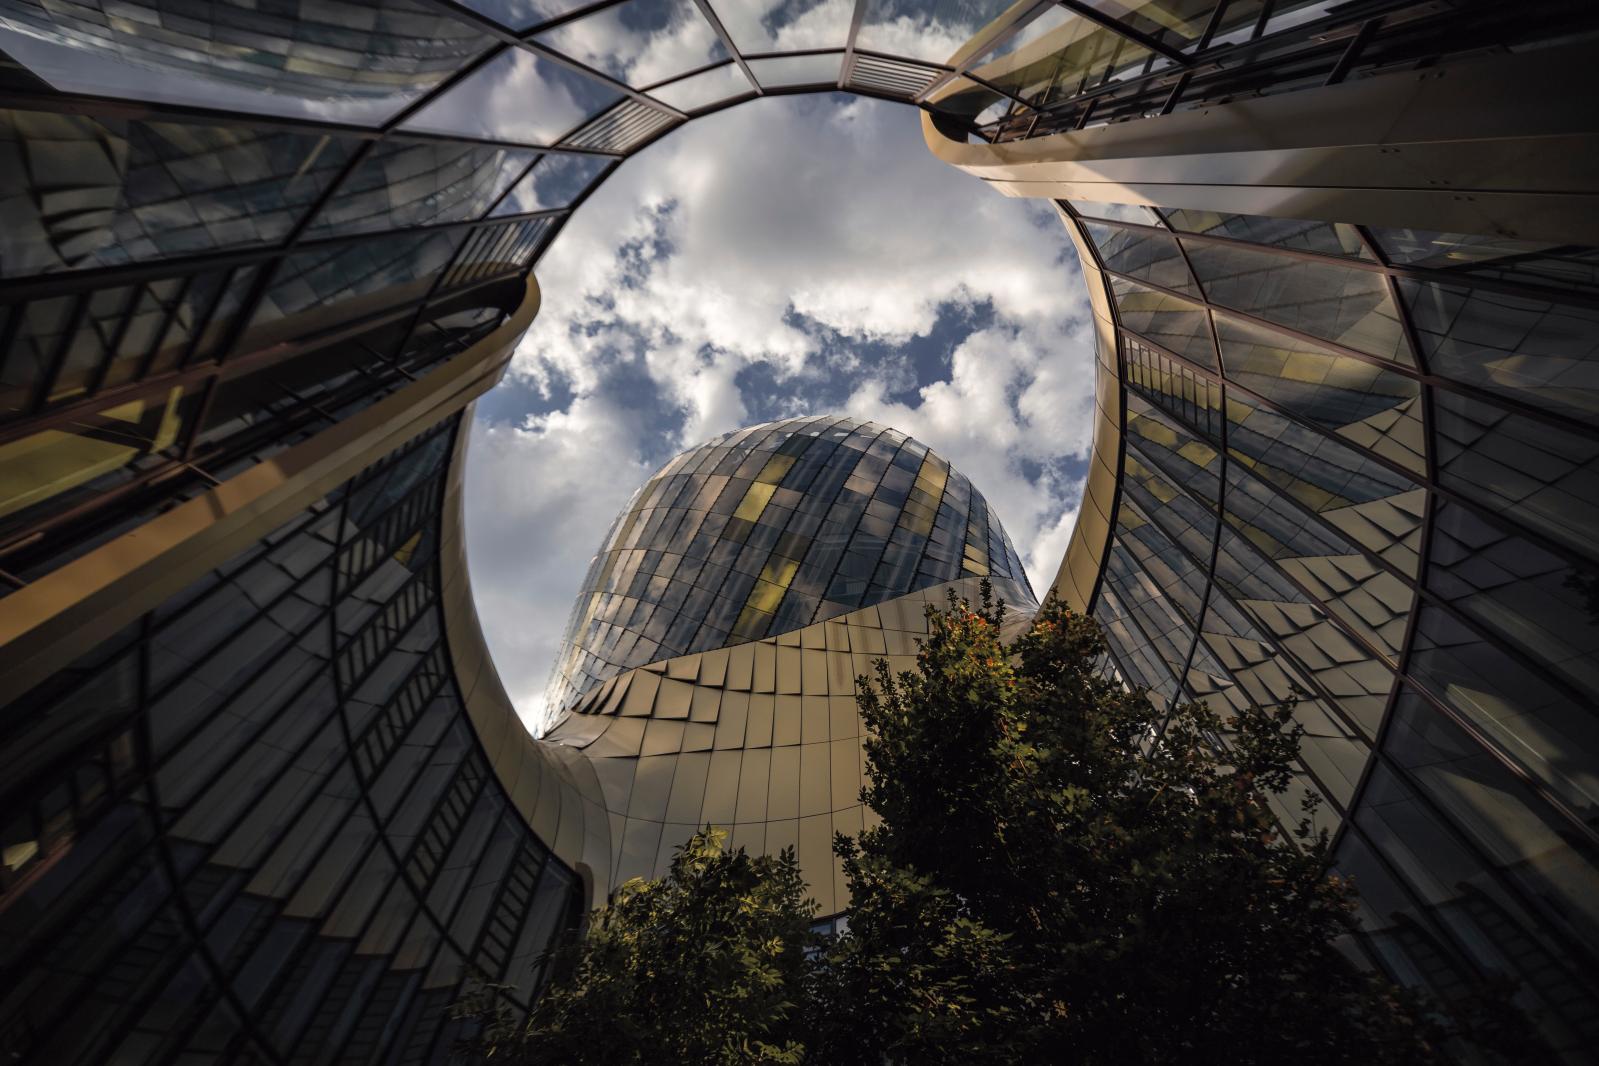 © mamie boude - cité du vin - xtu architects